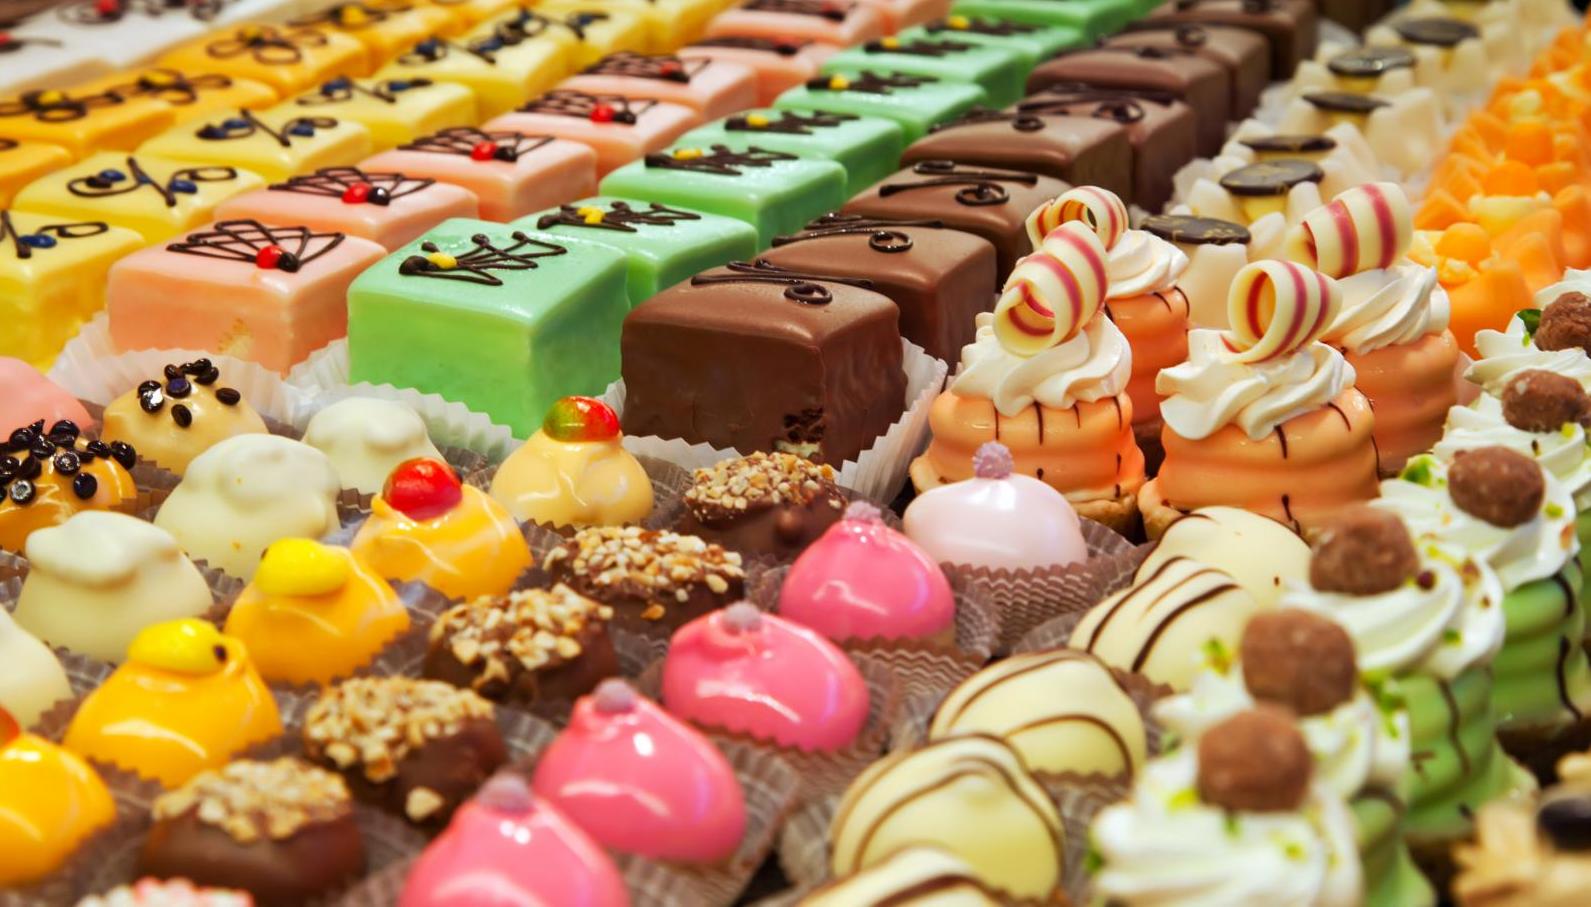 Uy tín, thương hiệu và sự đánh giá cao của khách hàng là các tiêu chí giúp bạn chọn được nơi bán bánh ngọt uy tín